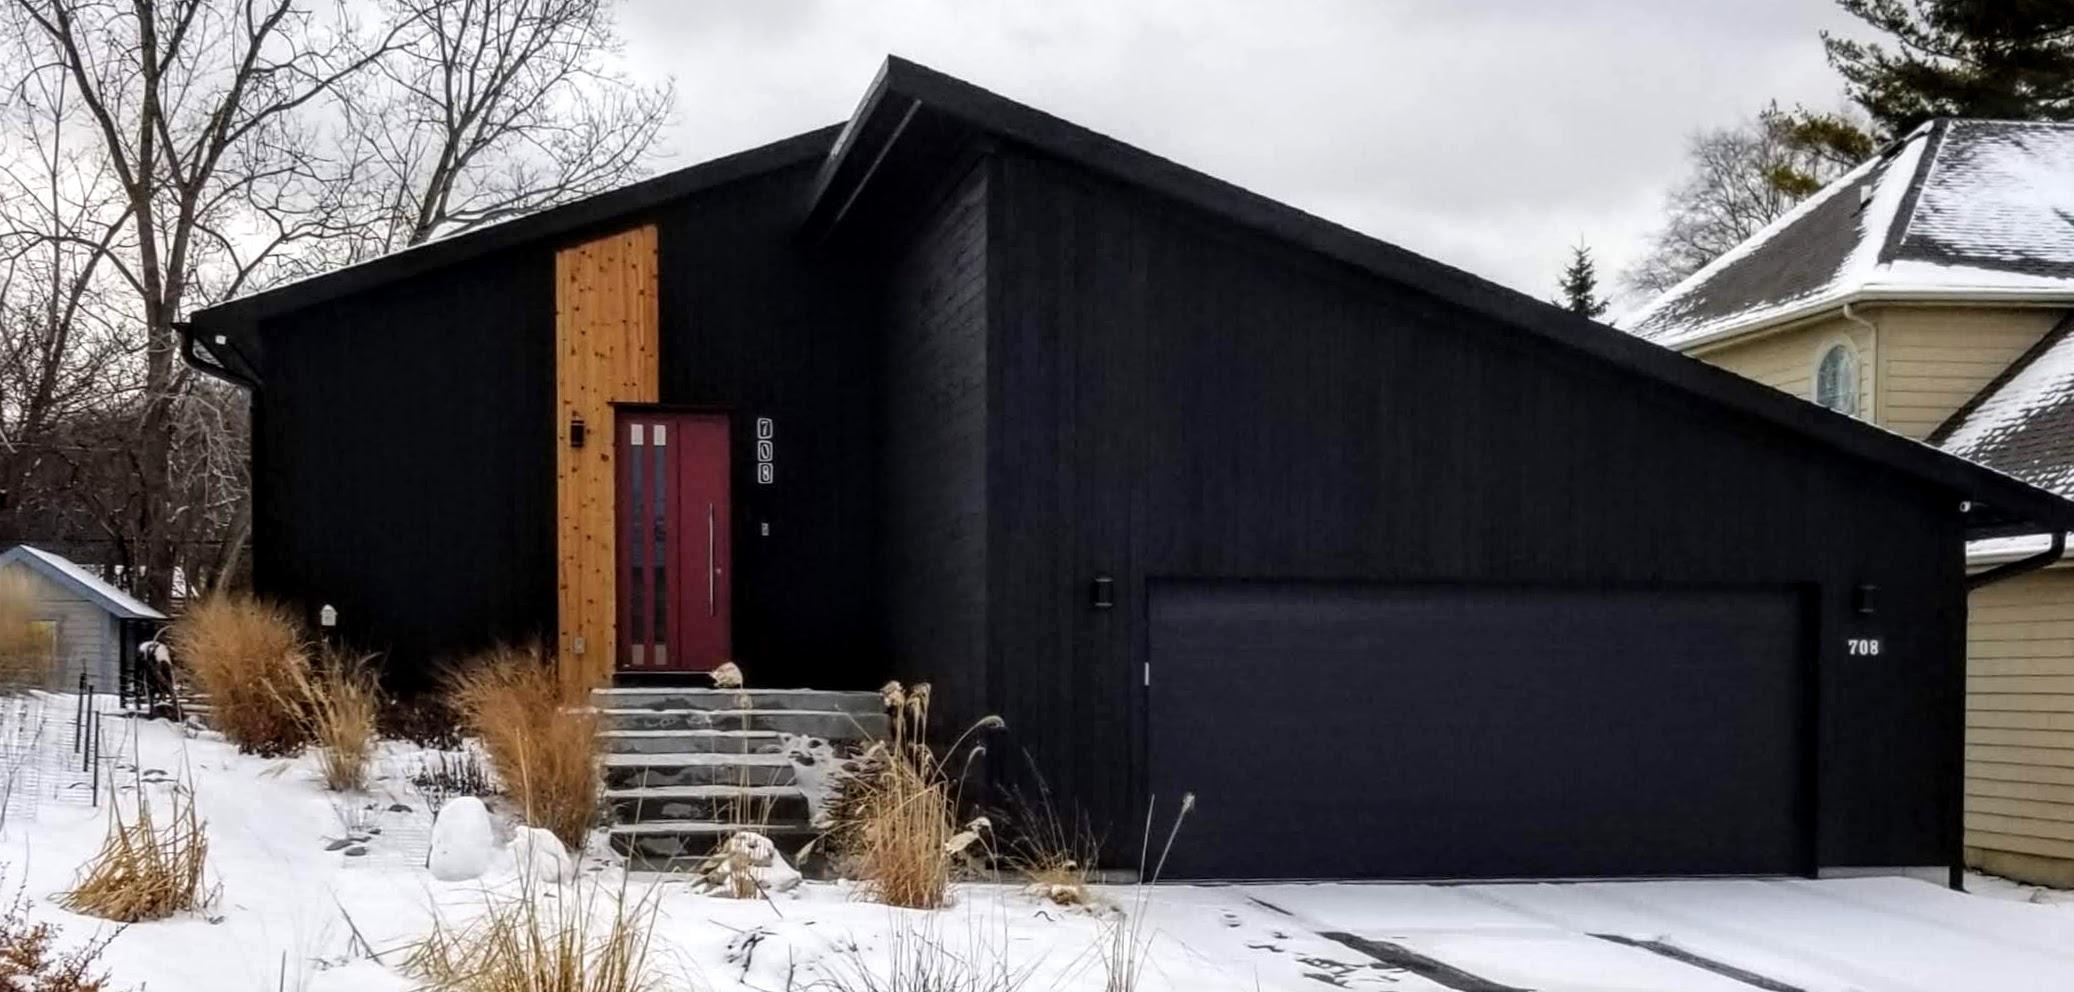 black box in snow1